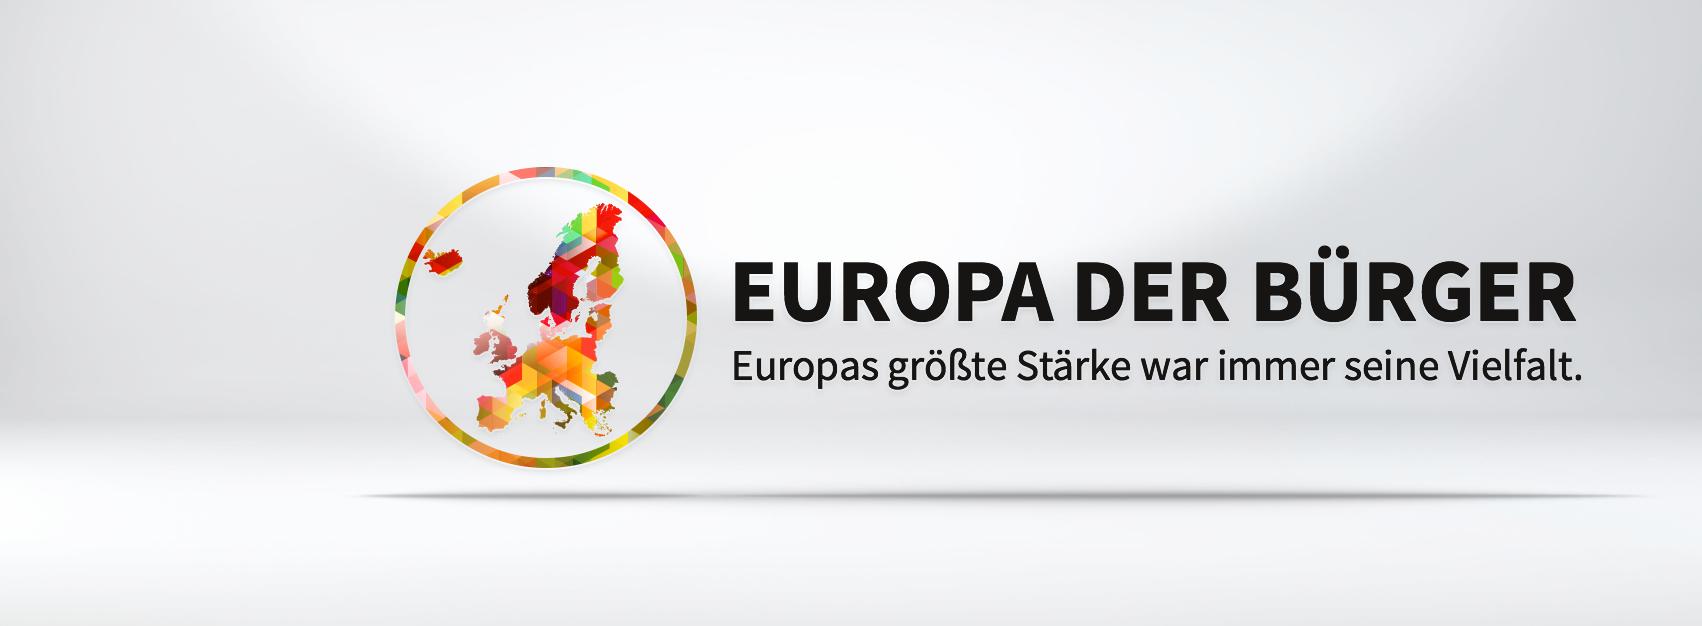 Europa_der_Buerger_Titelbild